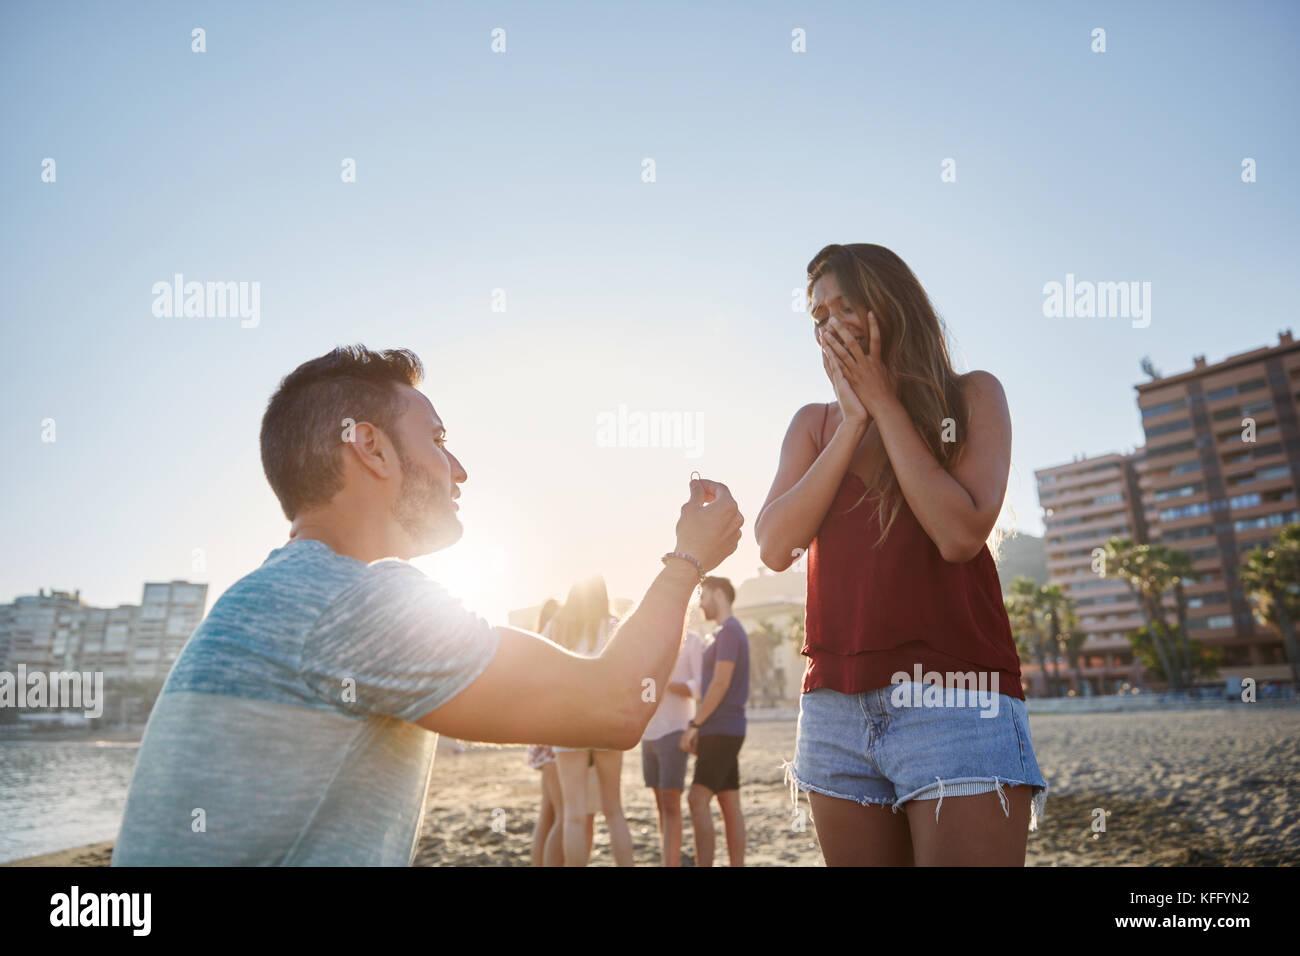 Ritratto di uomo propone alla sua ragazza sulla spiaggia in presenza di luce solare Immagini Stock